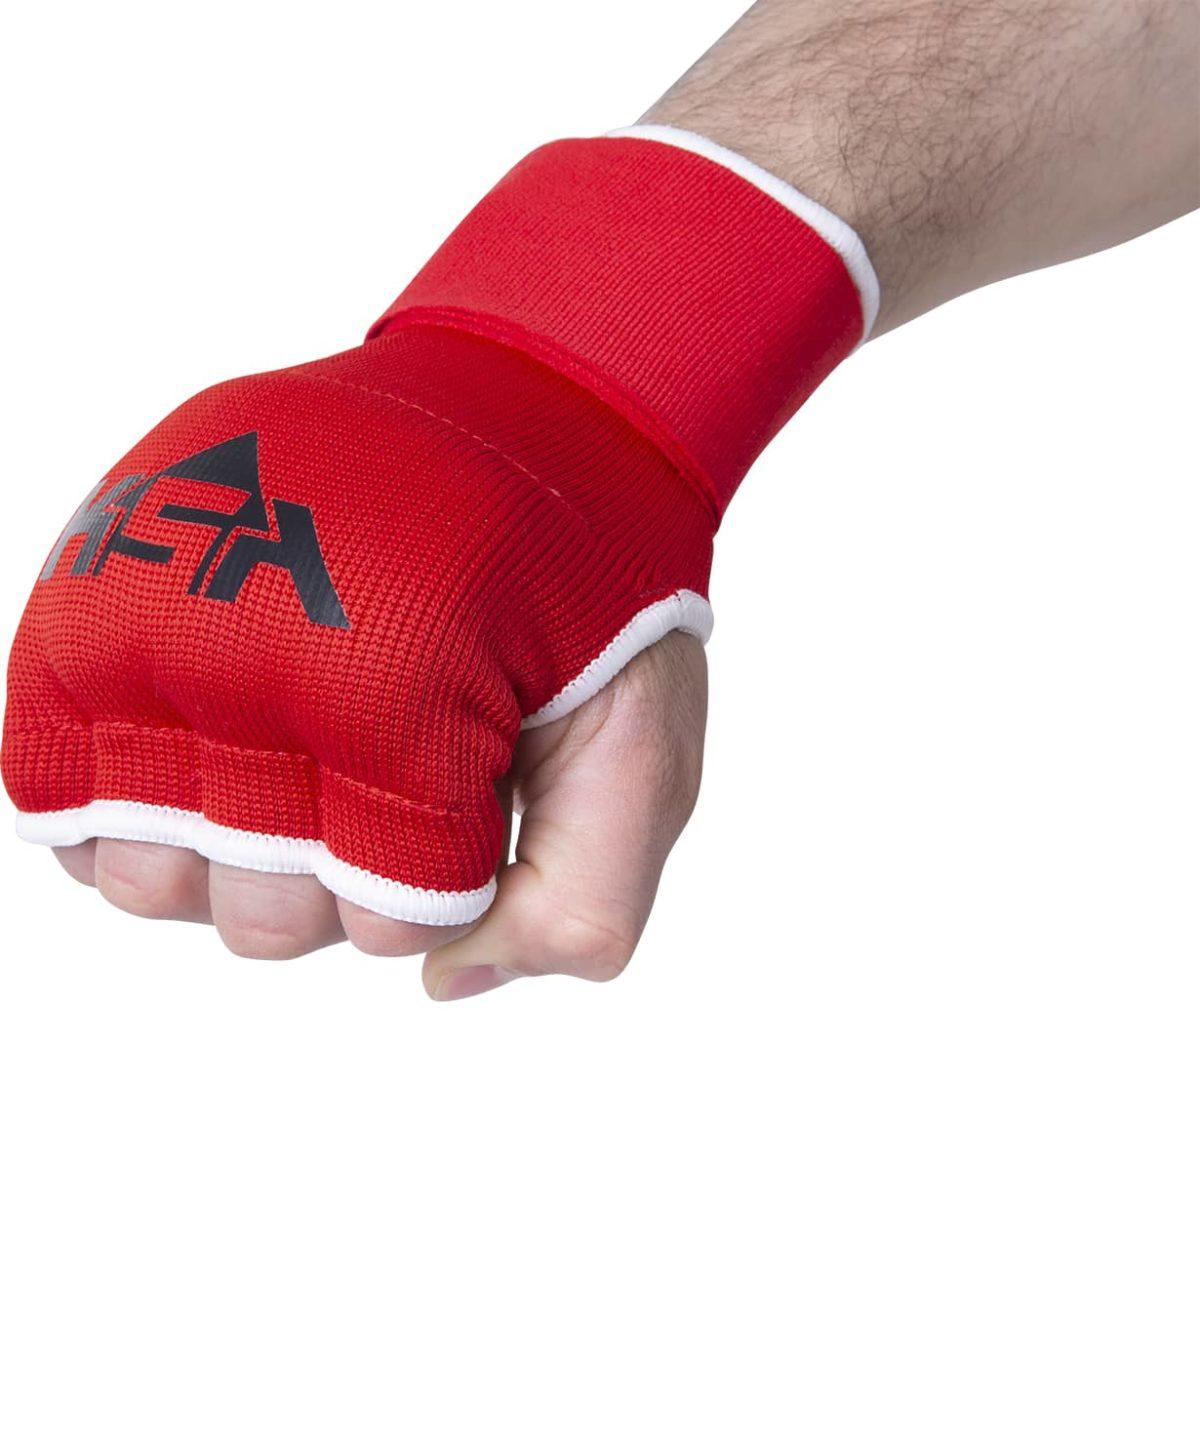 KSA Cobra Red Перчатки внутренние для бокса 17898: красный - 3